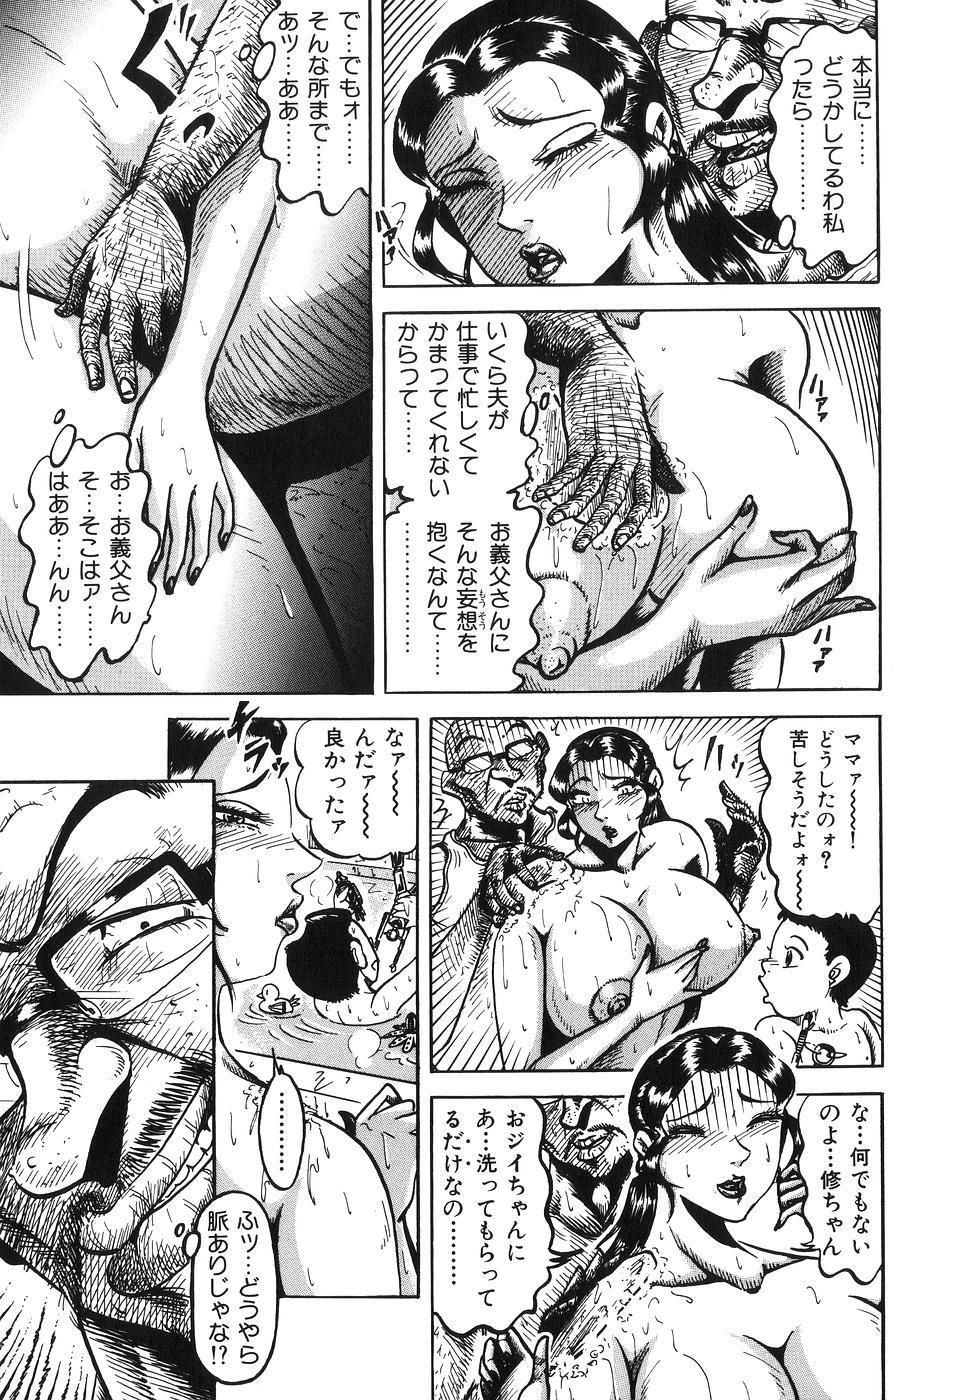 Jukubo Soukan Yosoji no Tawamure 9